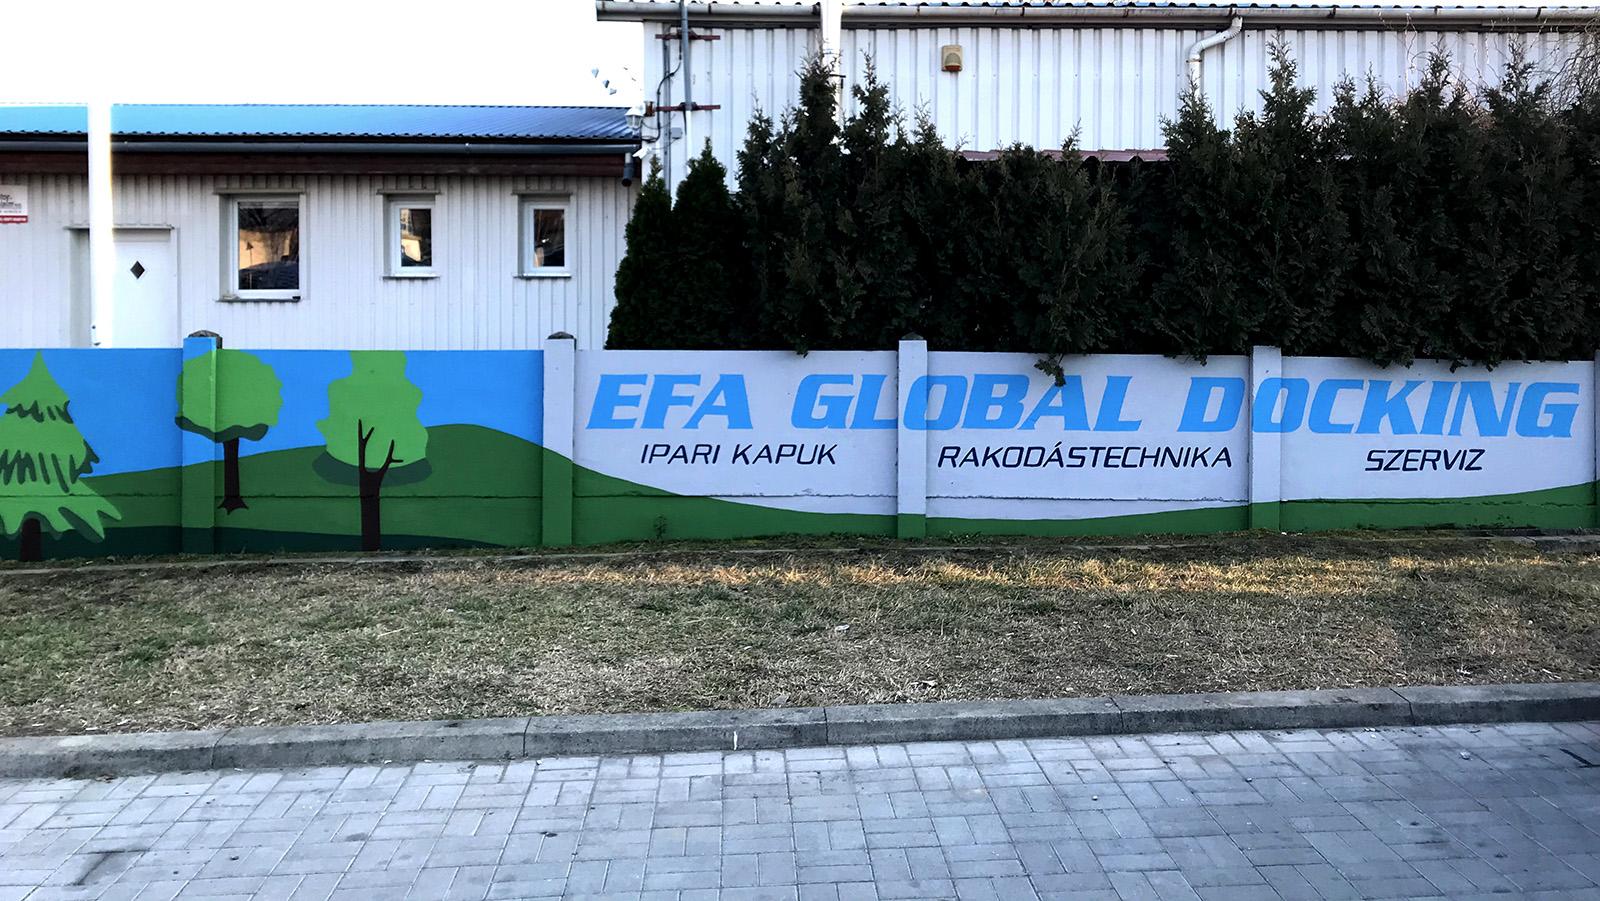 dekorációs festés - kerítésfestés - neopaint works - 10 millió fa (6)